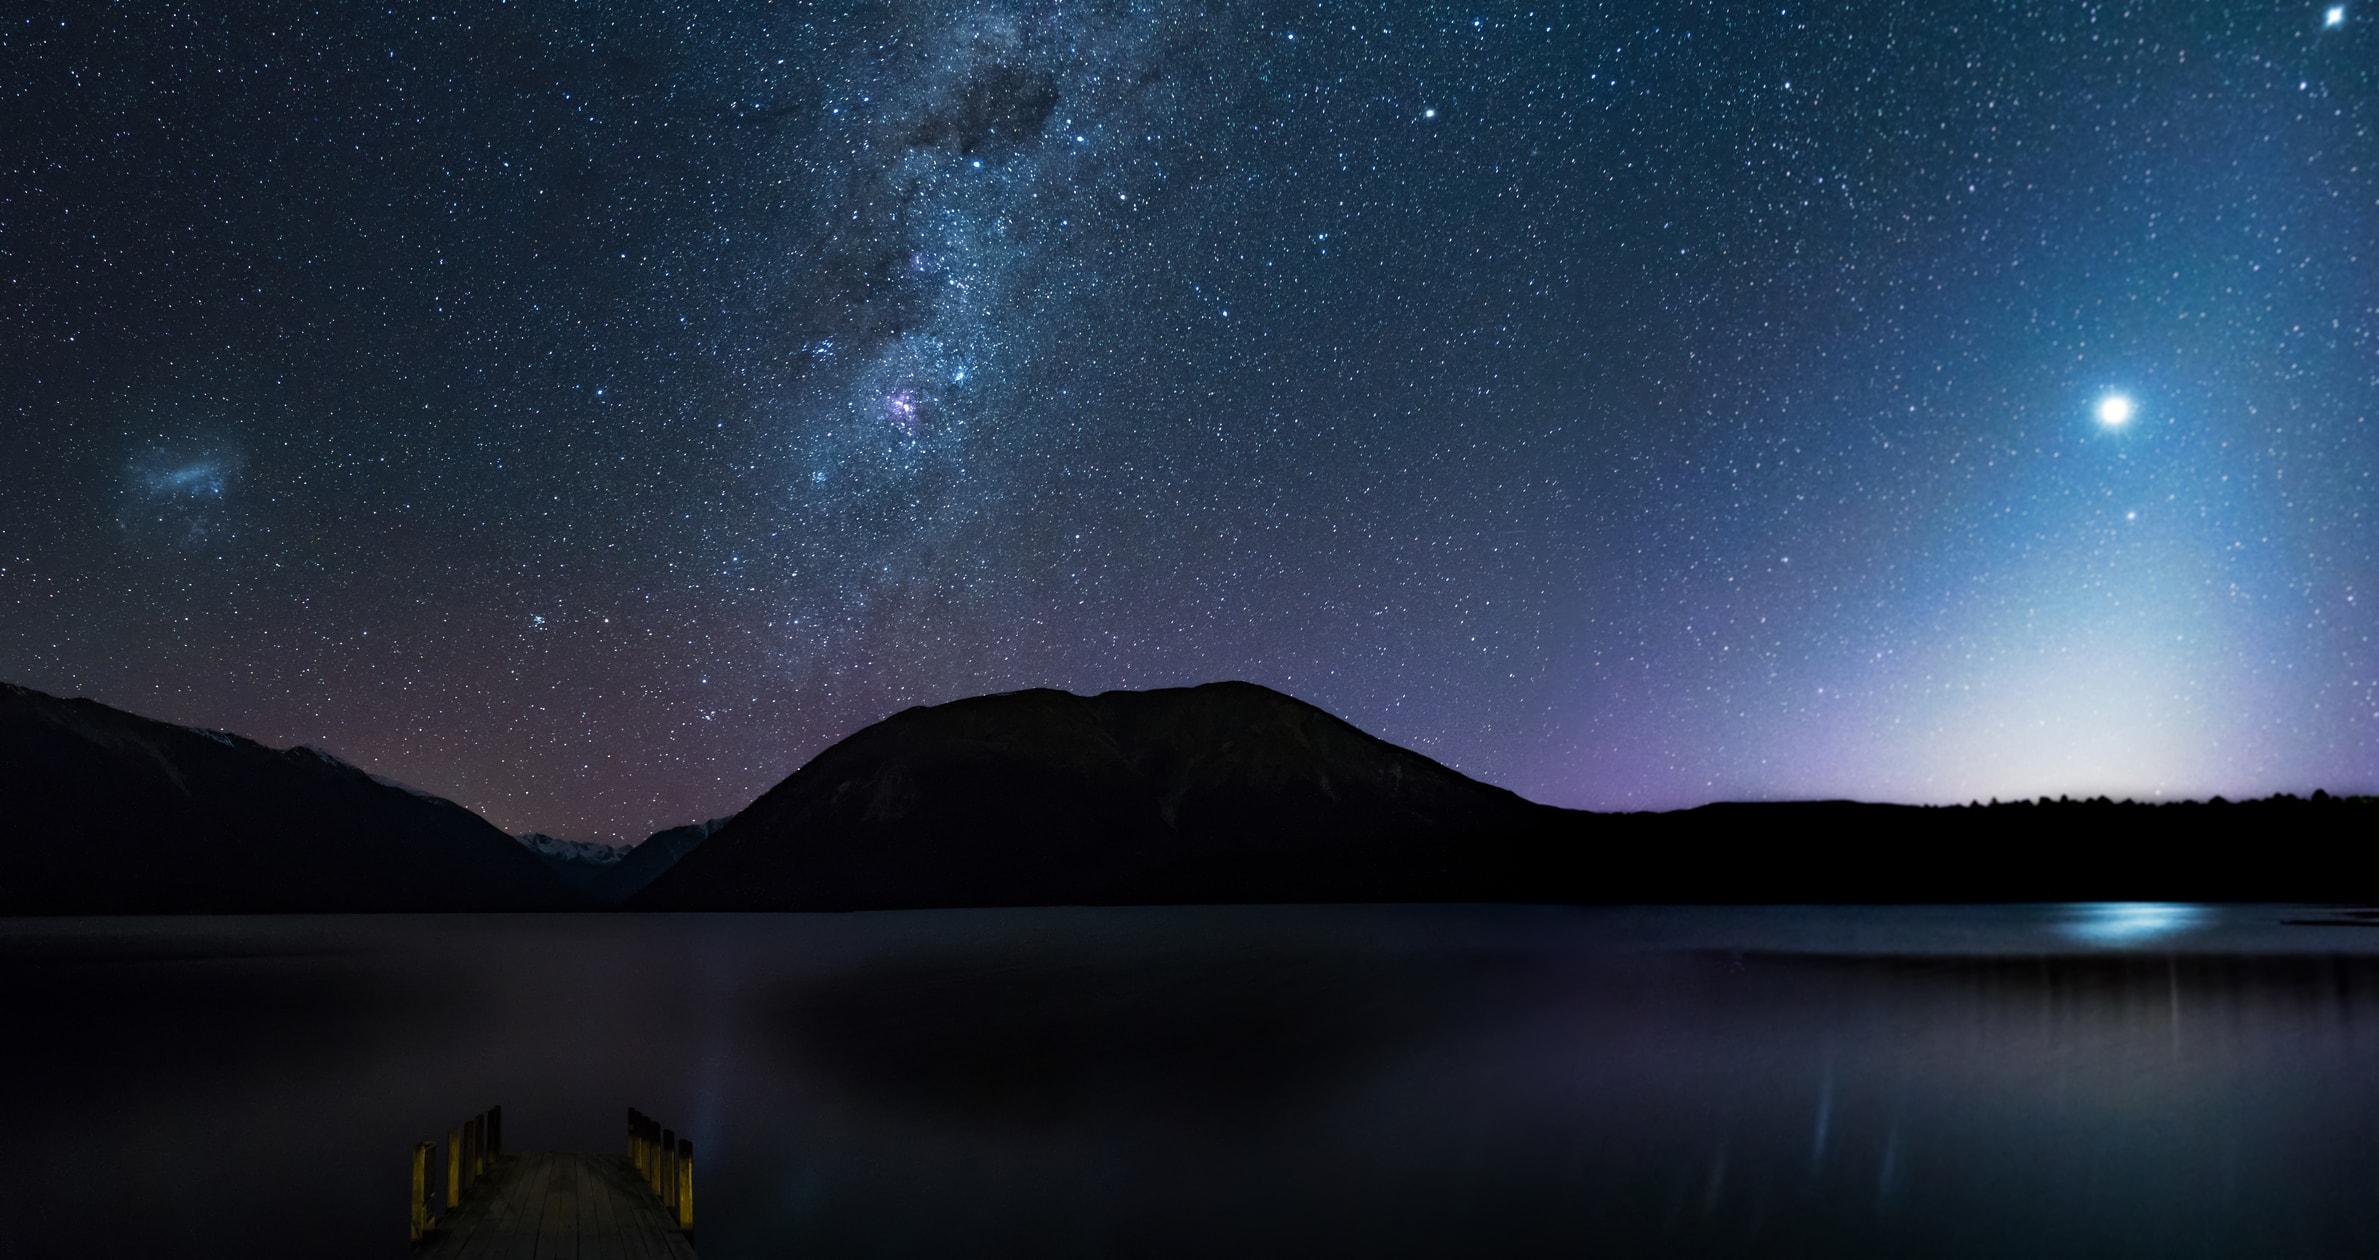 The waters of Lake Rotoiti reflect the night sky